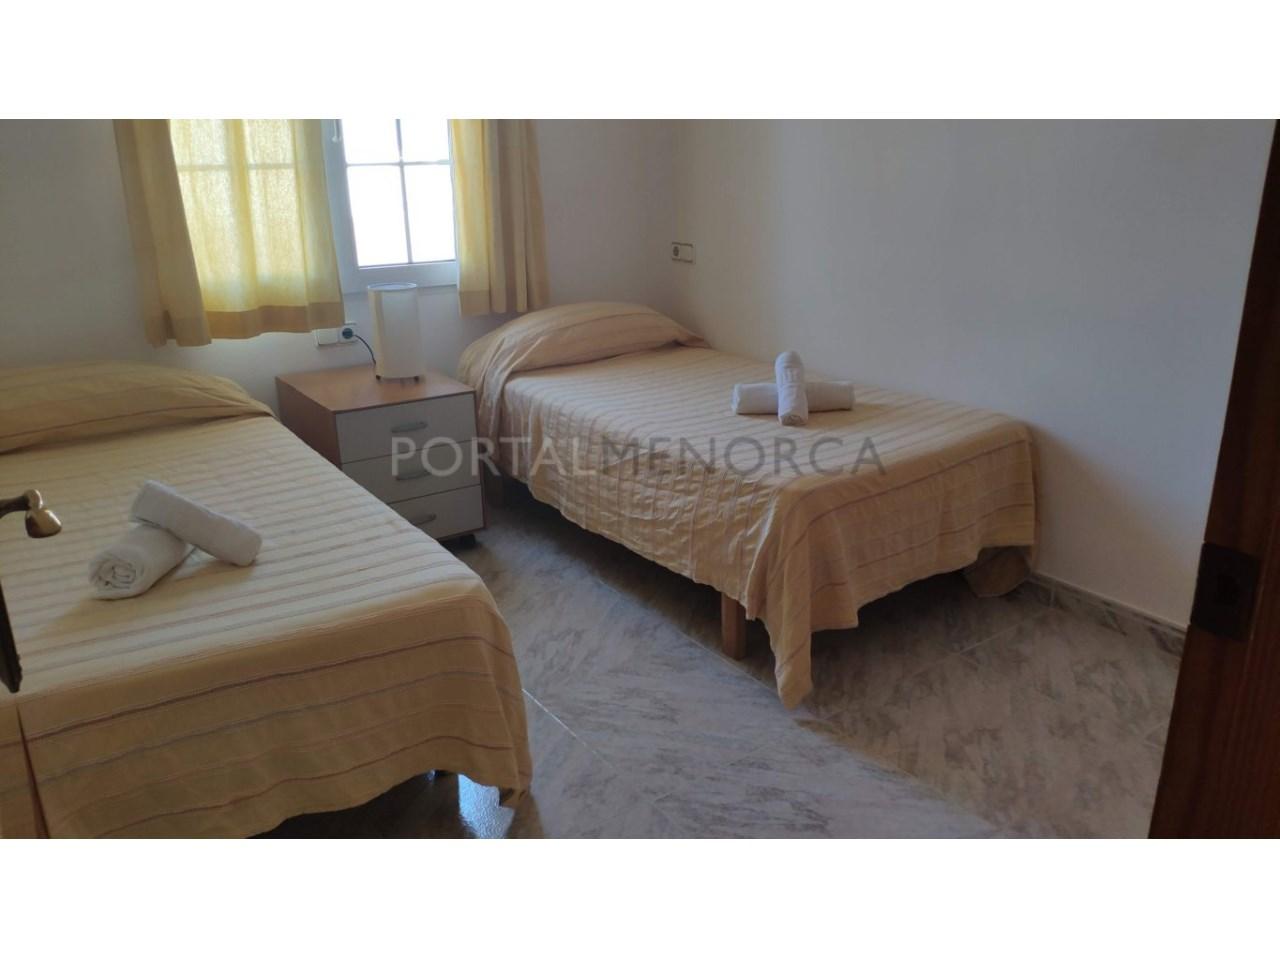 Chalet en venta en Calan Blanes con licencia turística Ciutadella Menorca - dormitorio planta baja